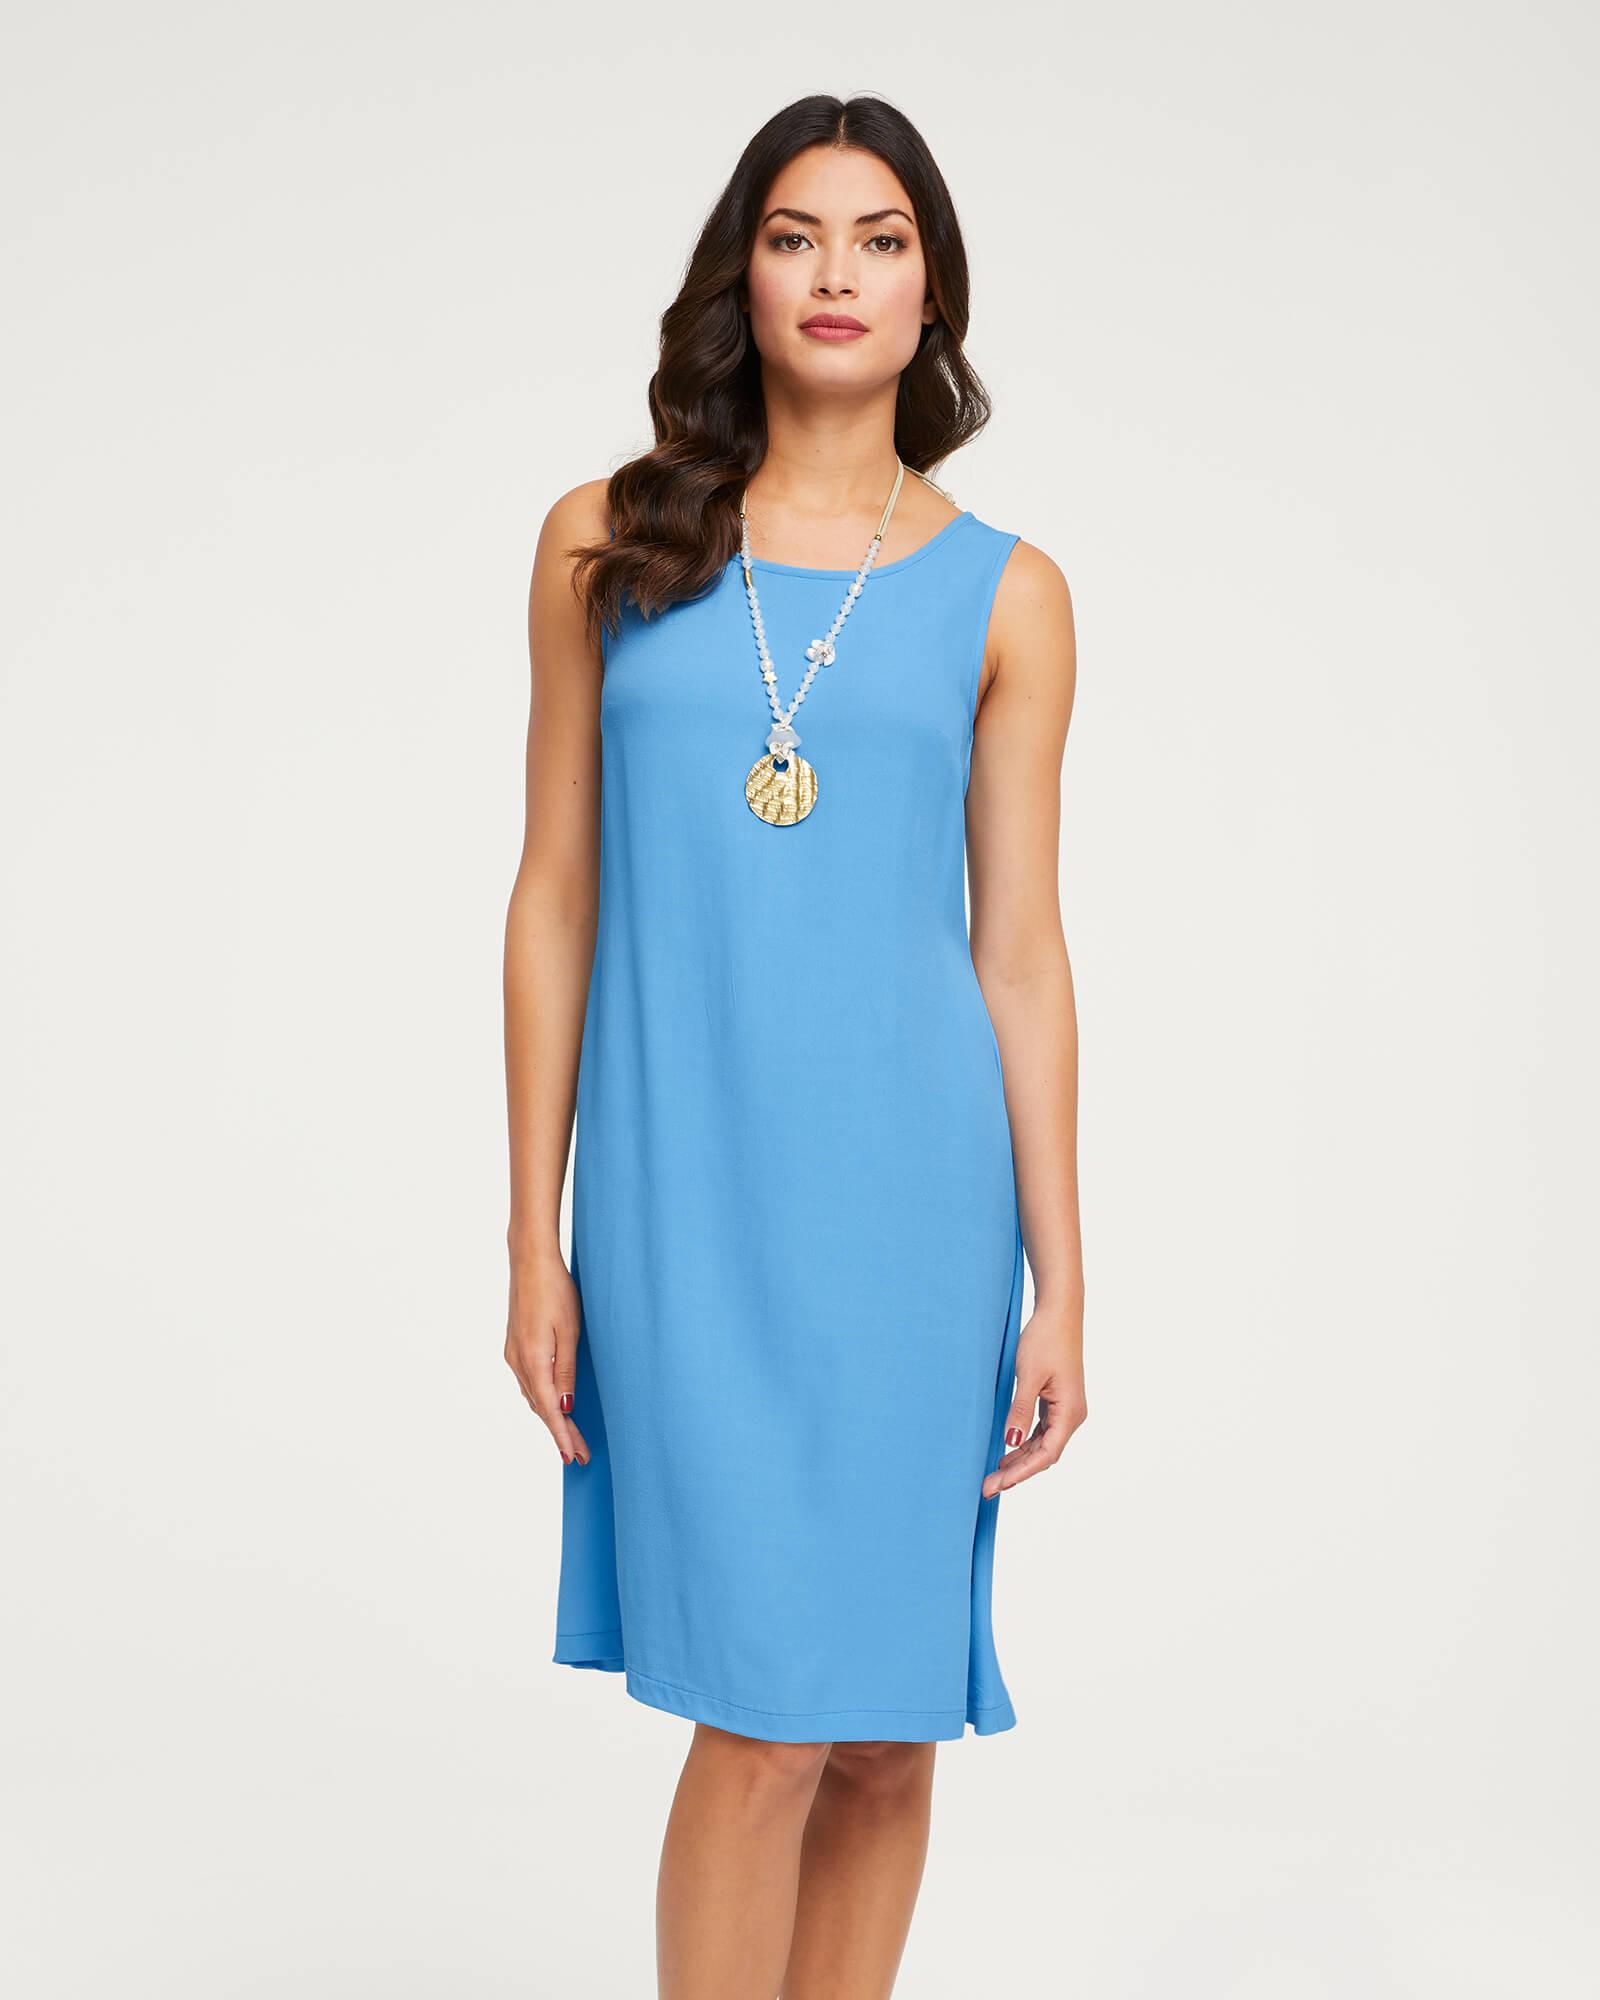 Mittelblaues figurbetontes Kleid